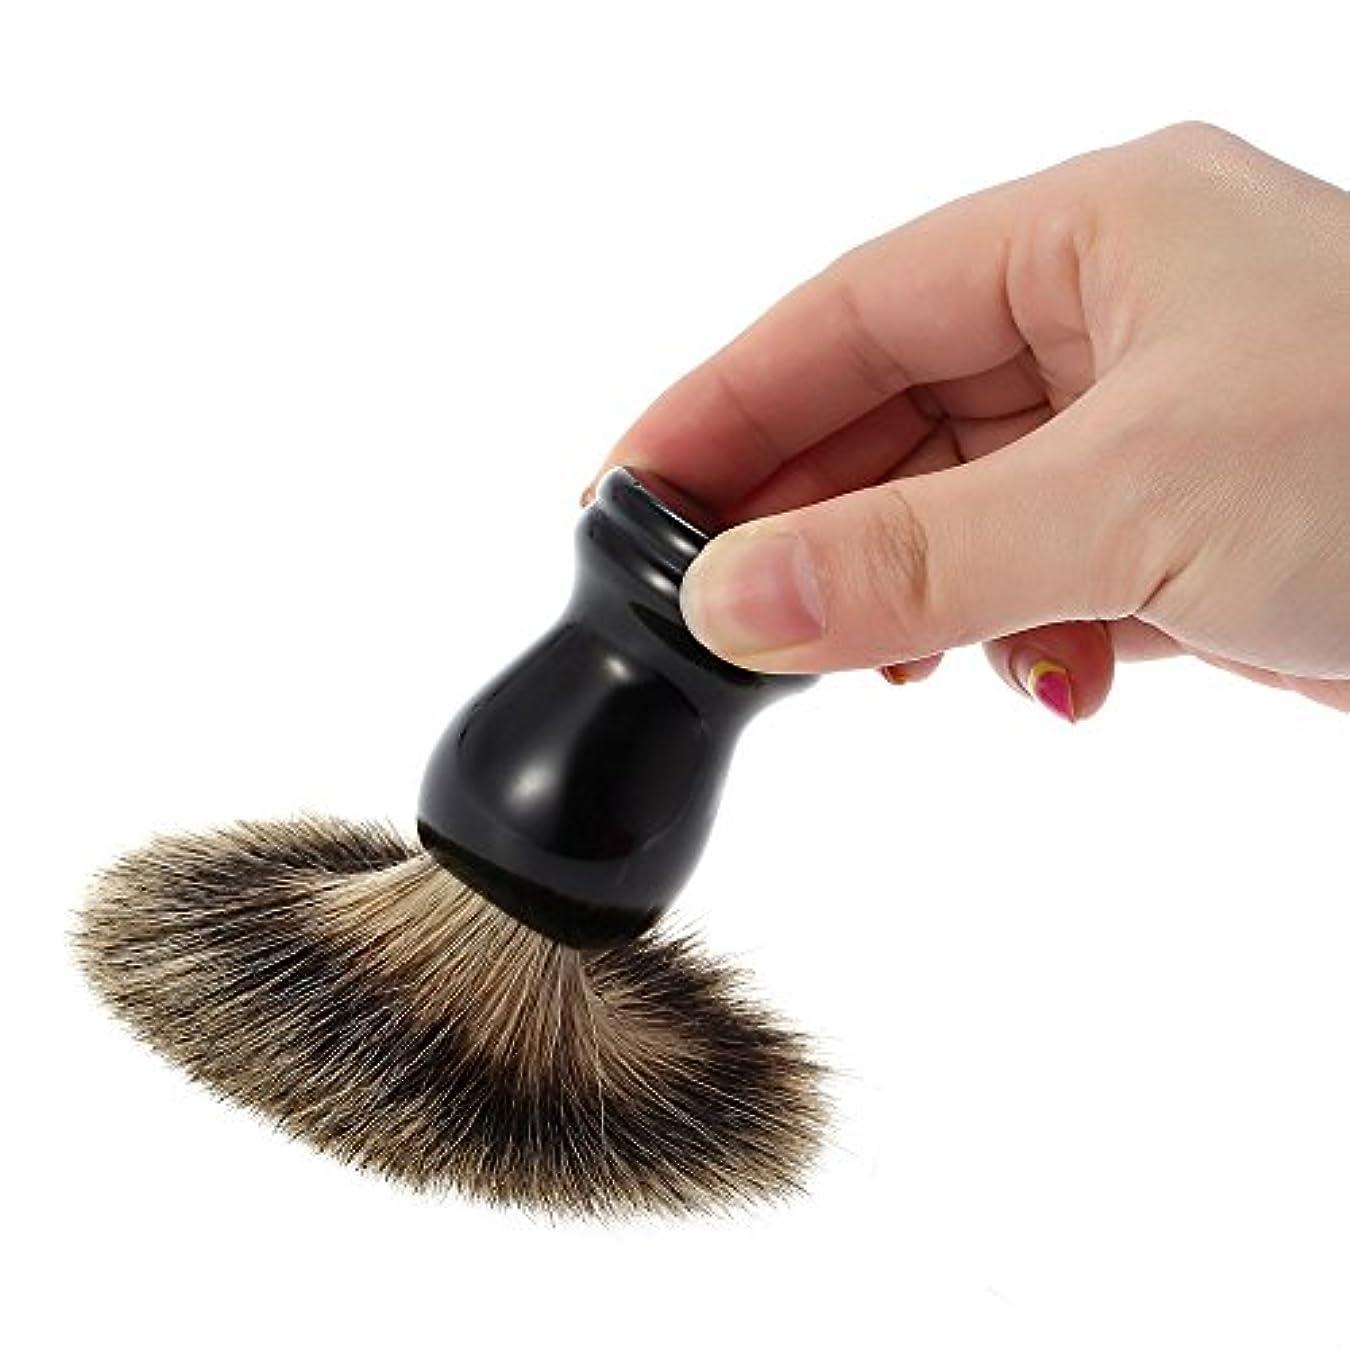 かかわらず研究マニアックシェービング用ブラシ  メンズ 100% アナグマ毛   理容 洗顔 髭剃り 泡立ち